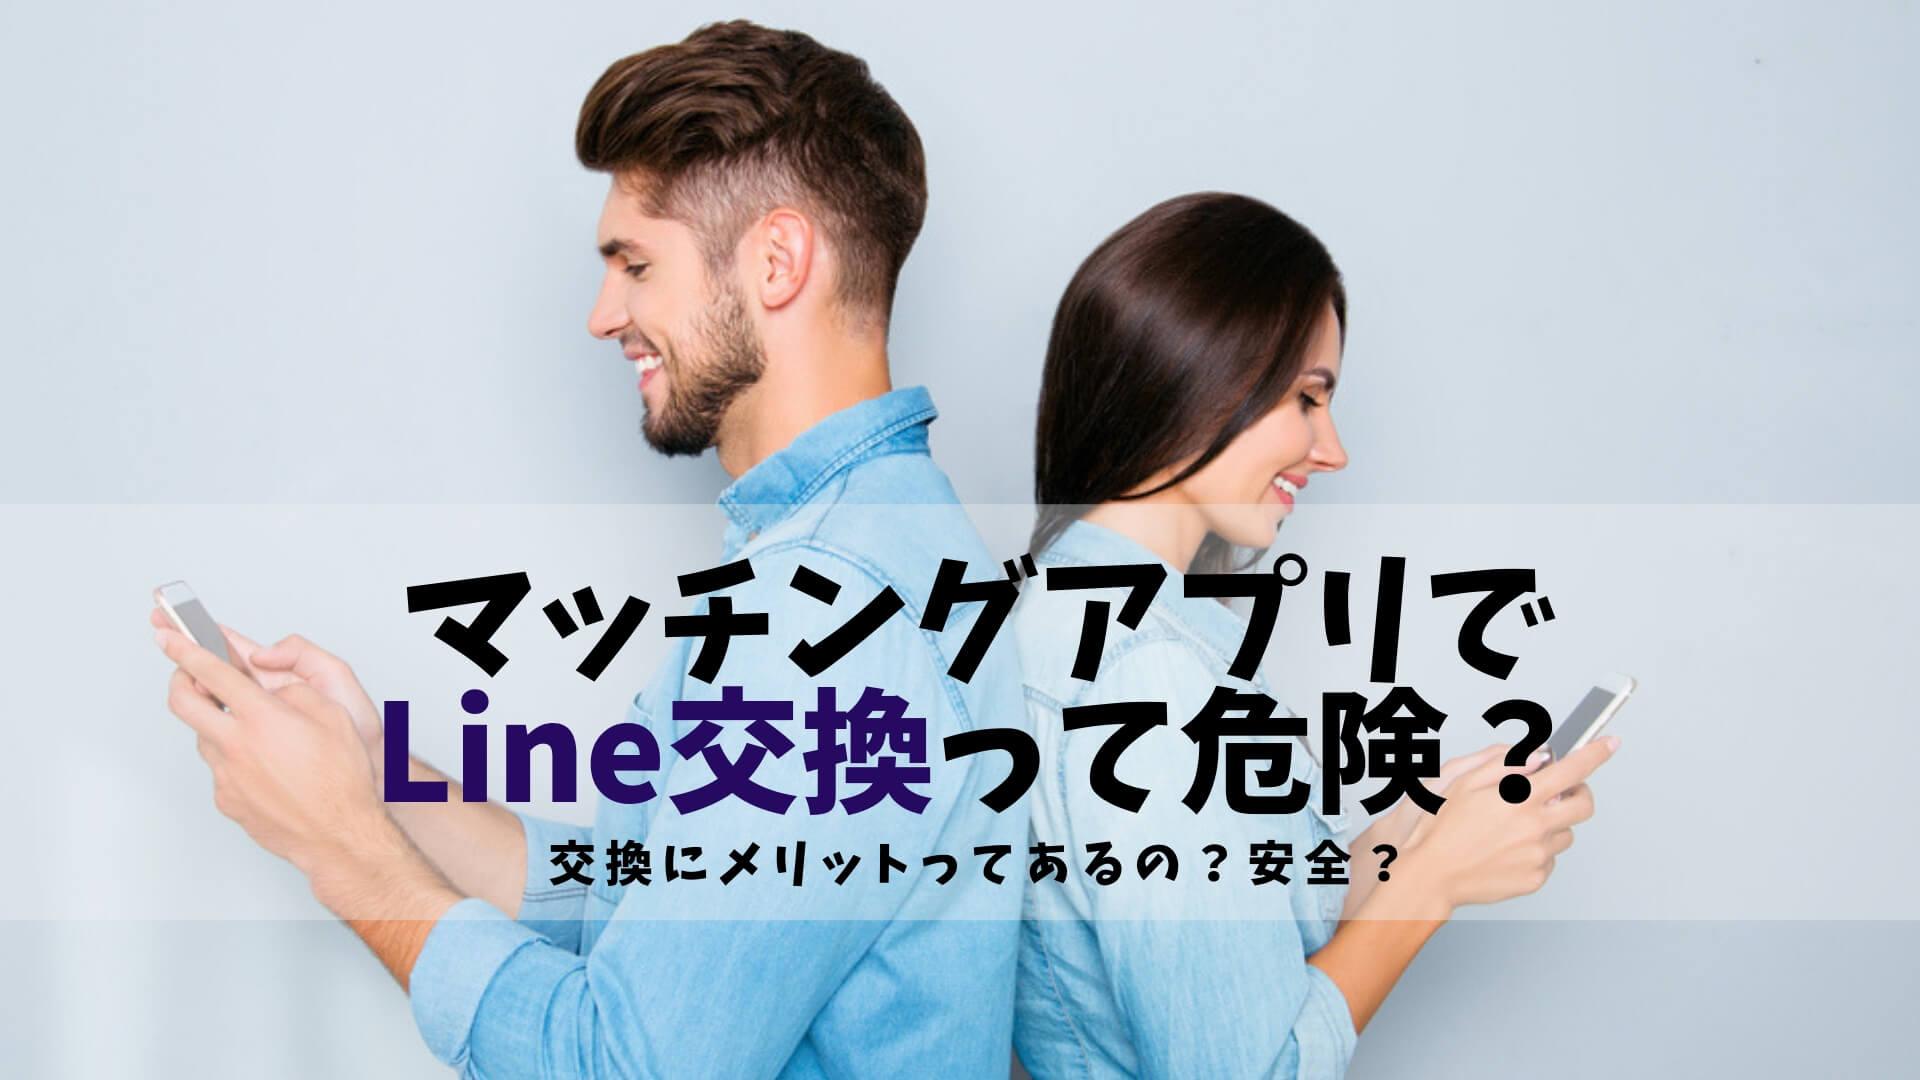 教える line